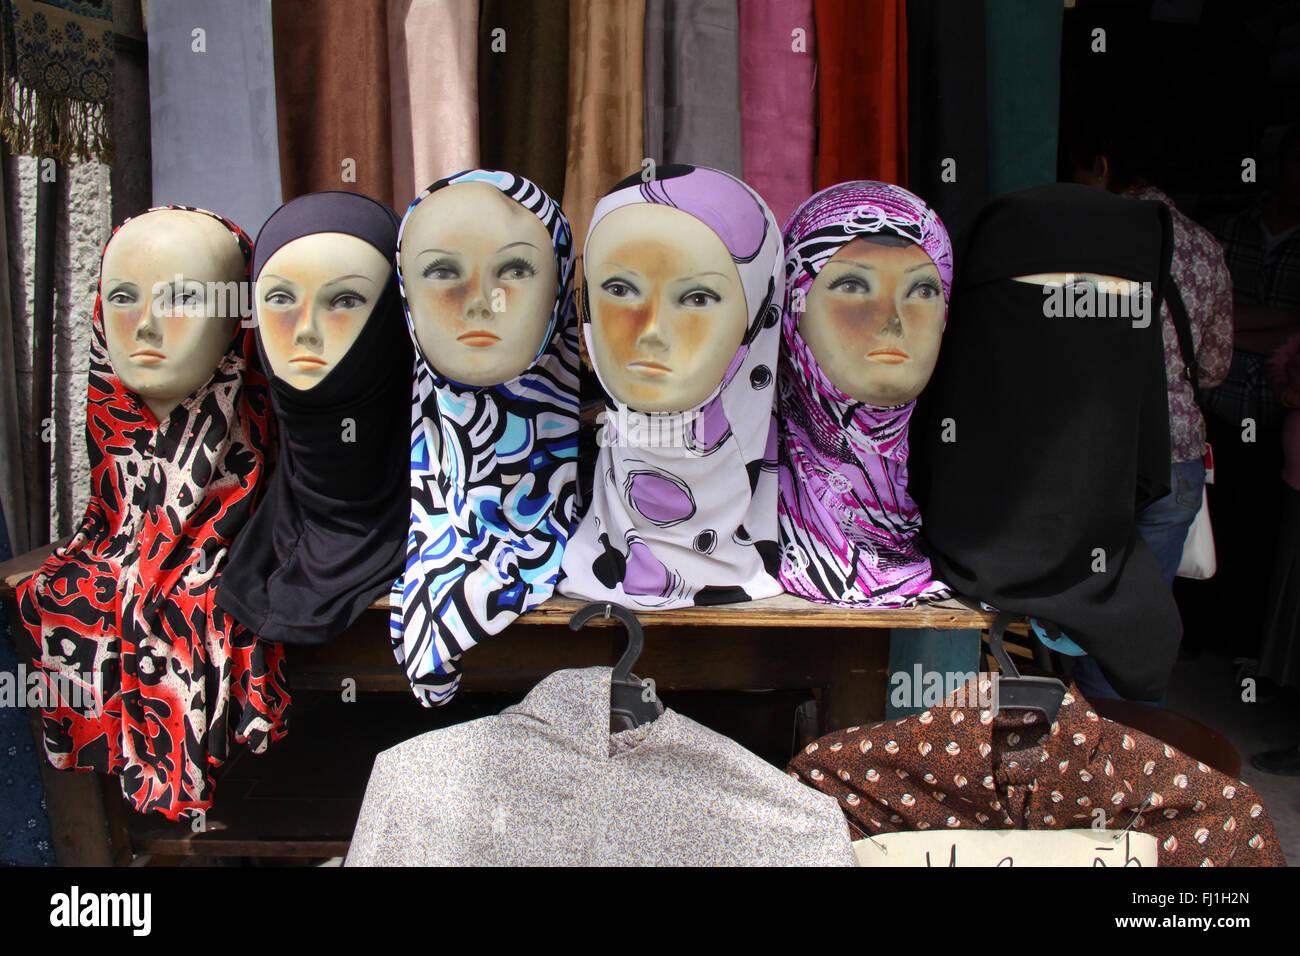 Le voile islamique le vendeur dans les rues d'Amman, Jordanie Photo Stock